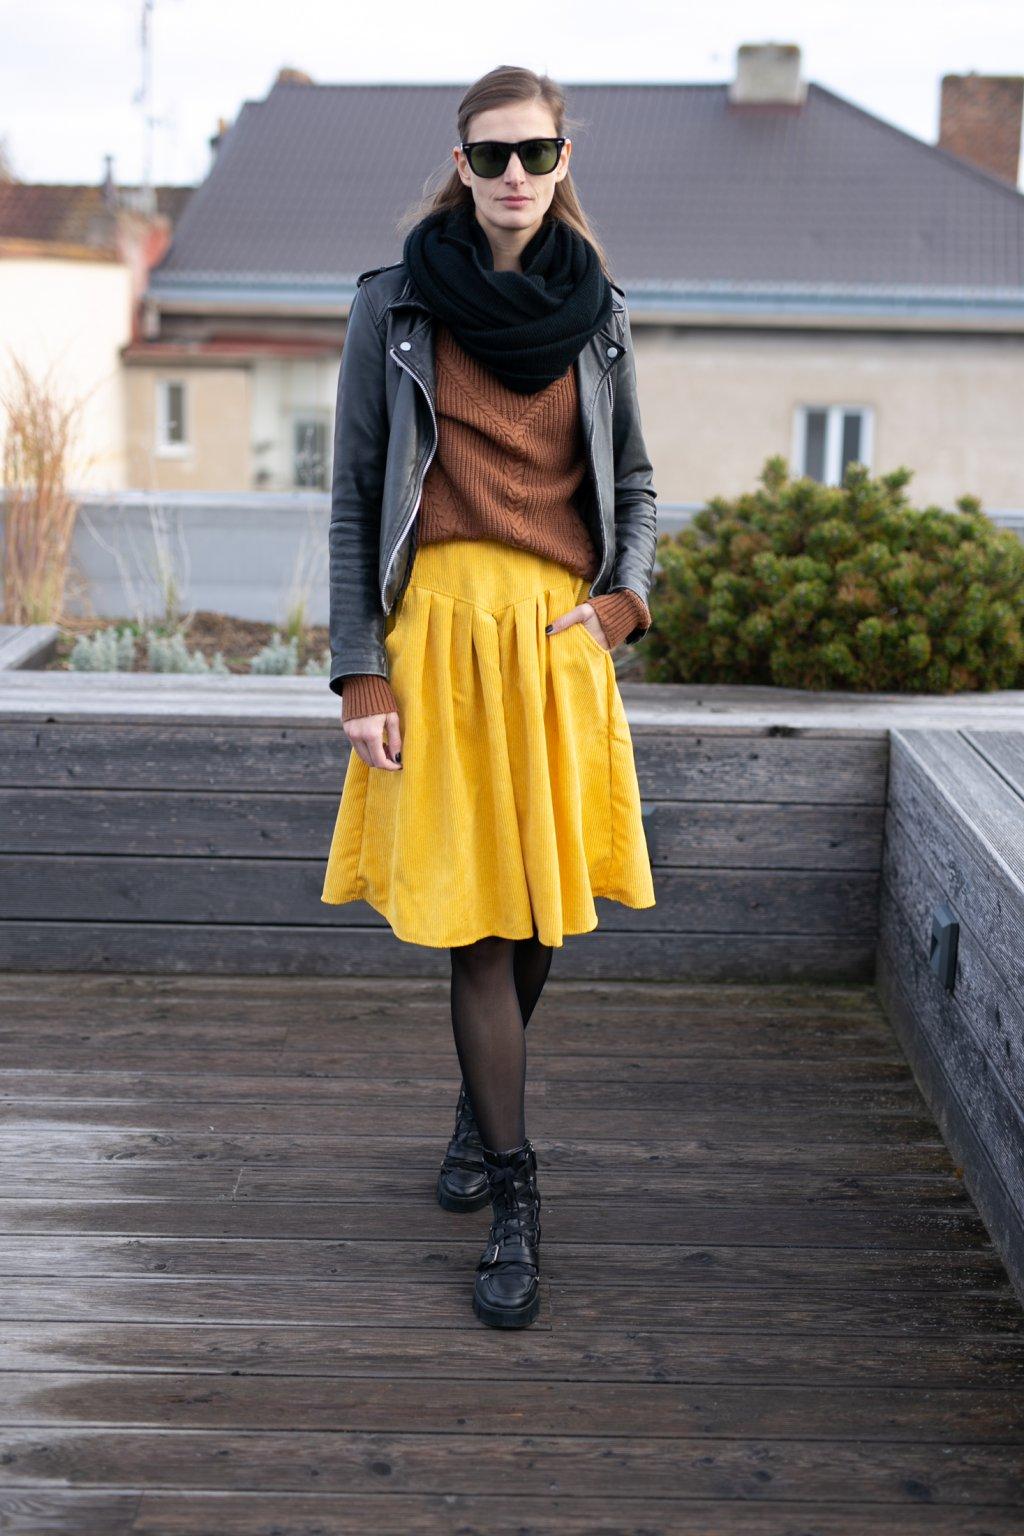 ŽLUTÁ sukně s klínem